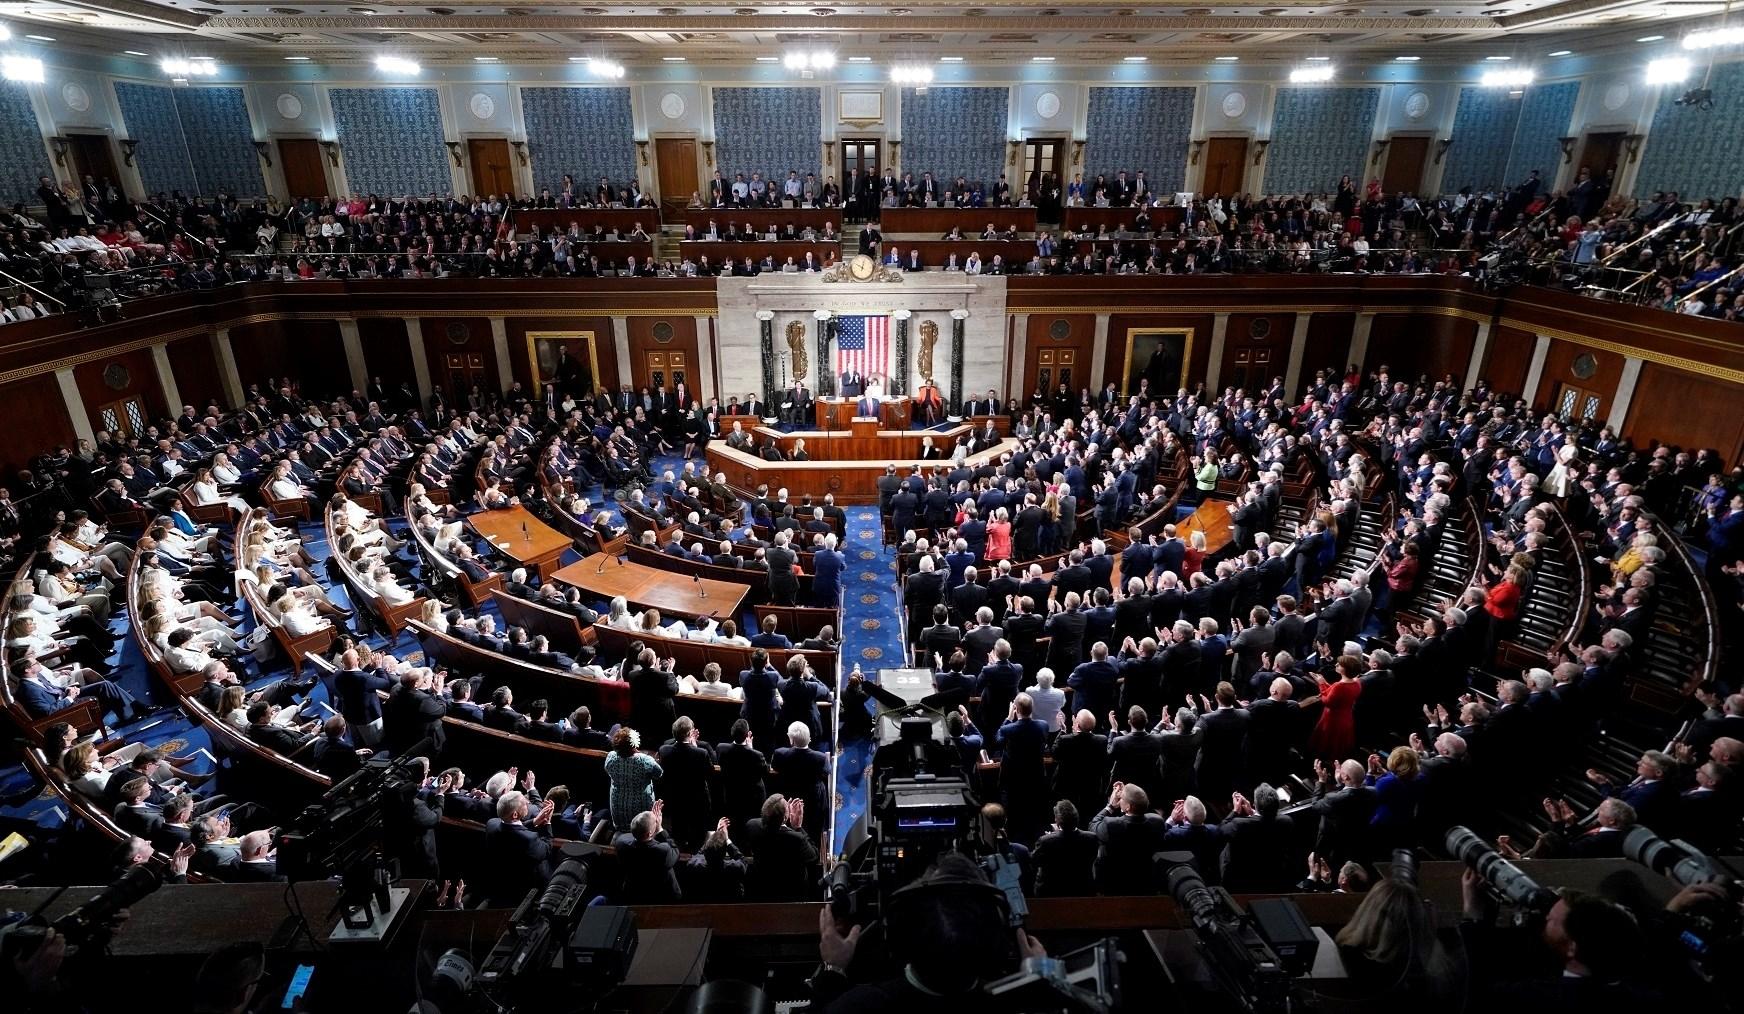 لا يزال على مجلس النواب أن يصادق على القانون الذي يسمح بفرض عقوبات أميركية على مسؤولين صينيين